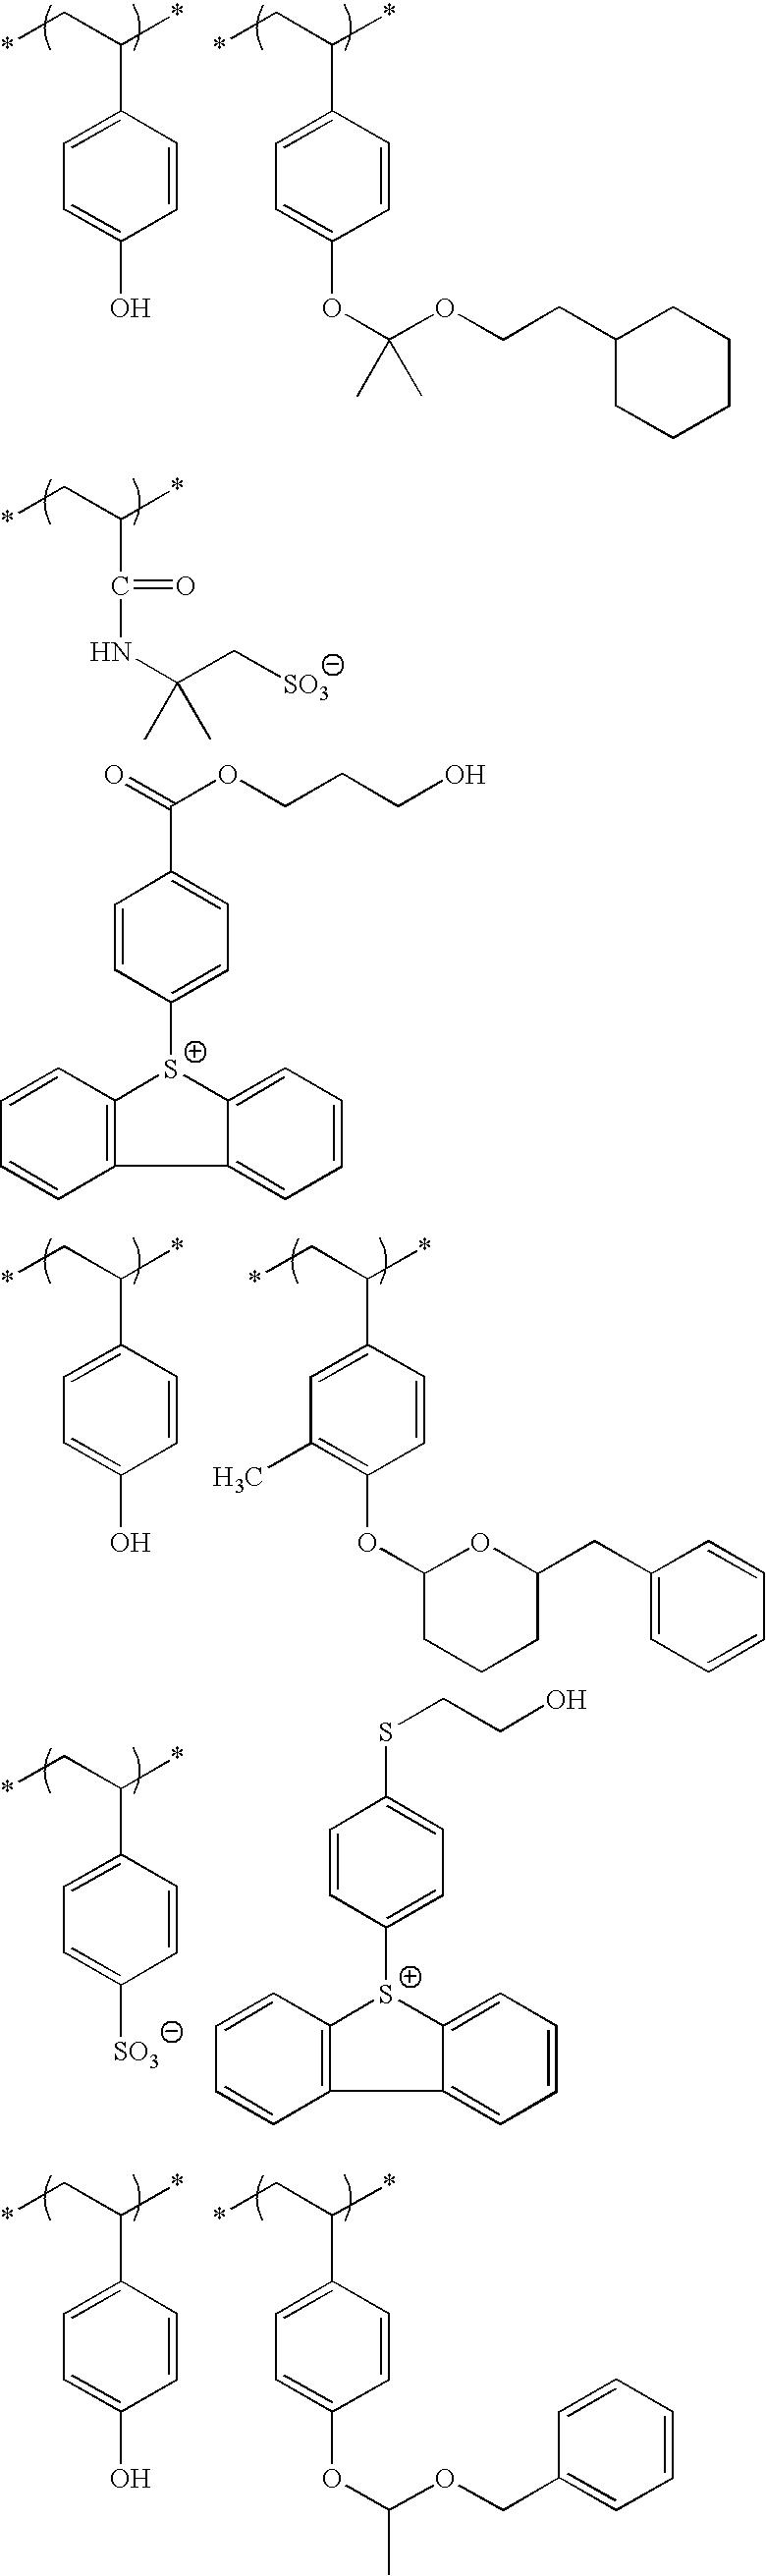 Figure US20100183975A1-20100722-C00157